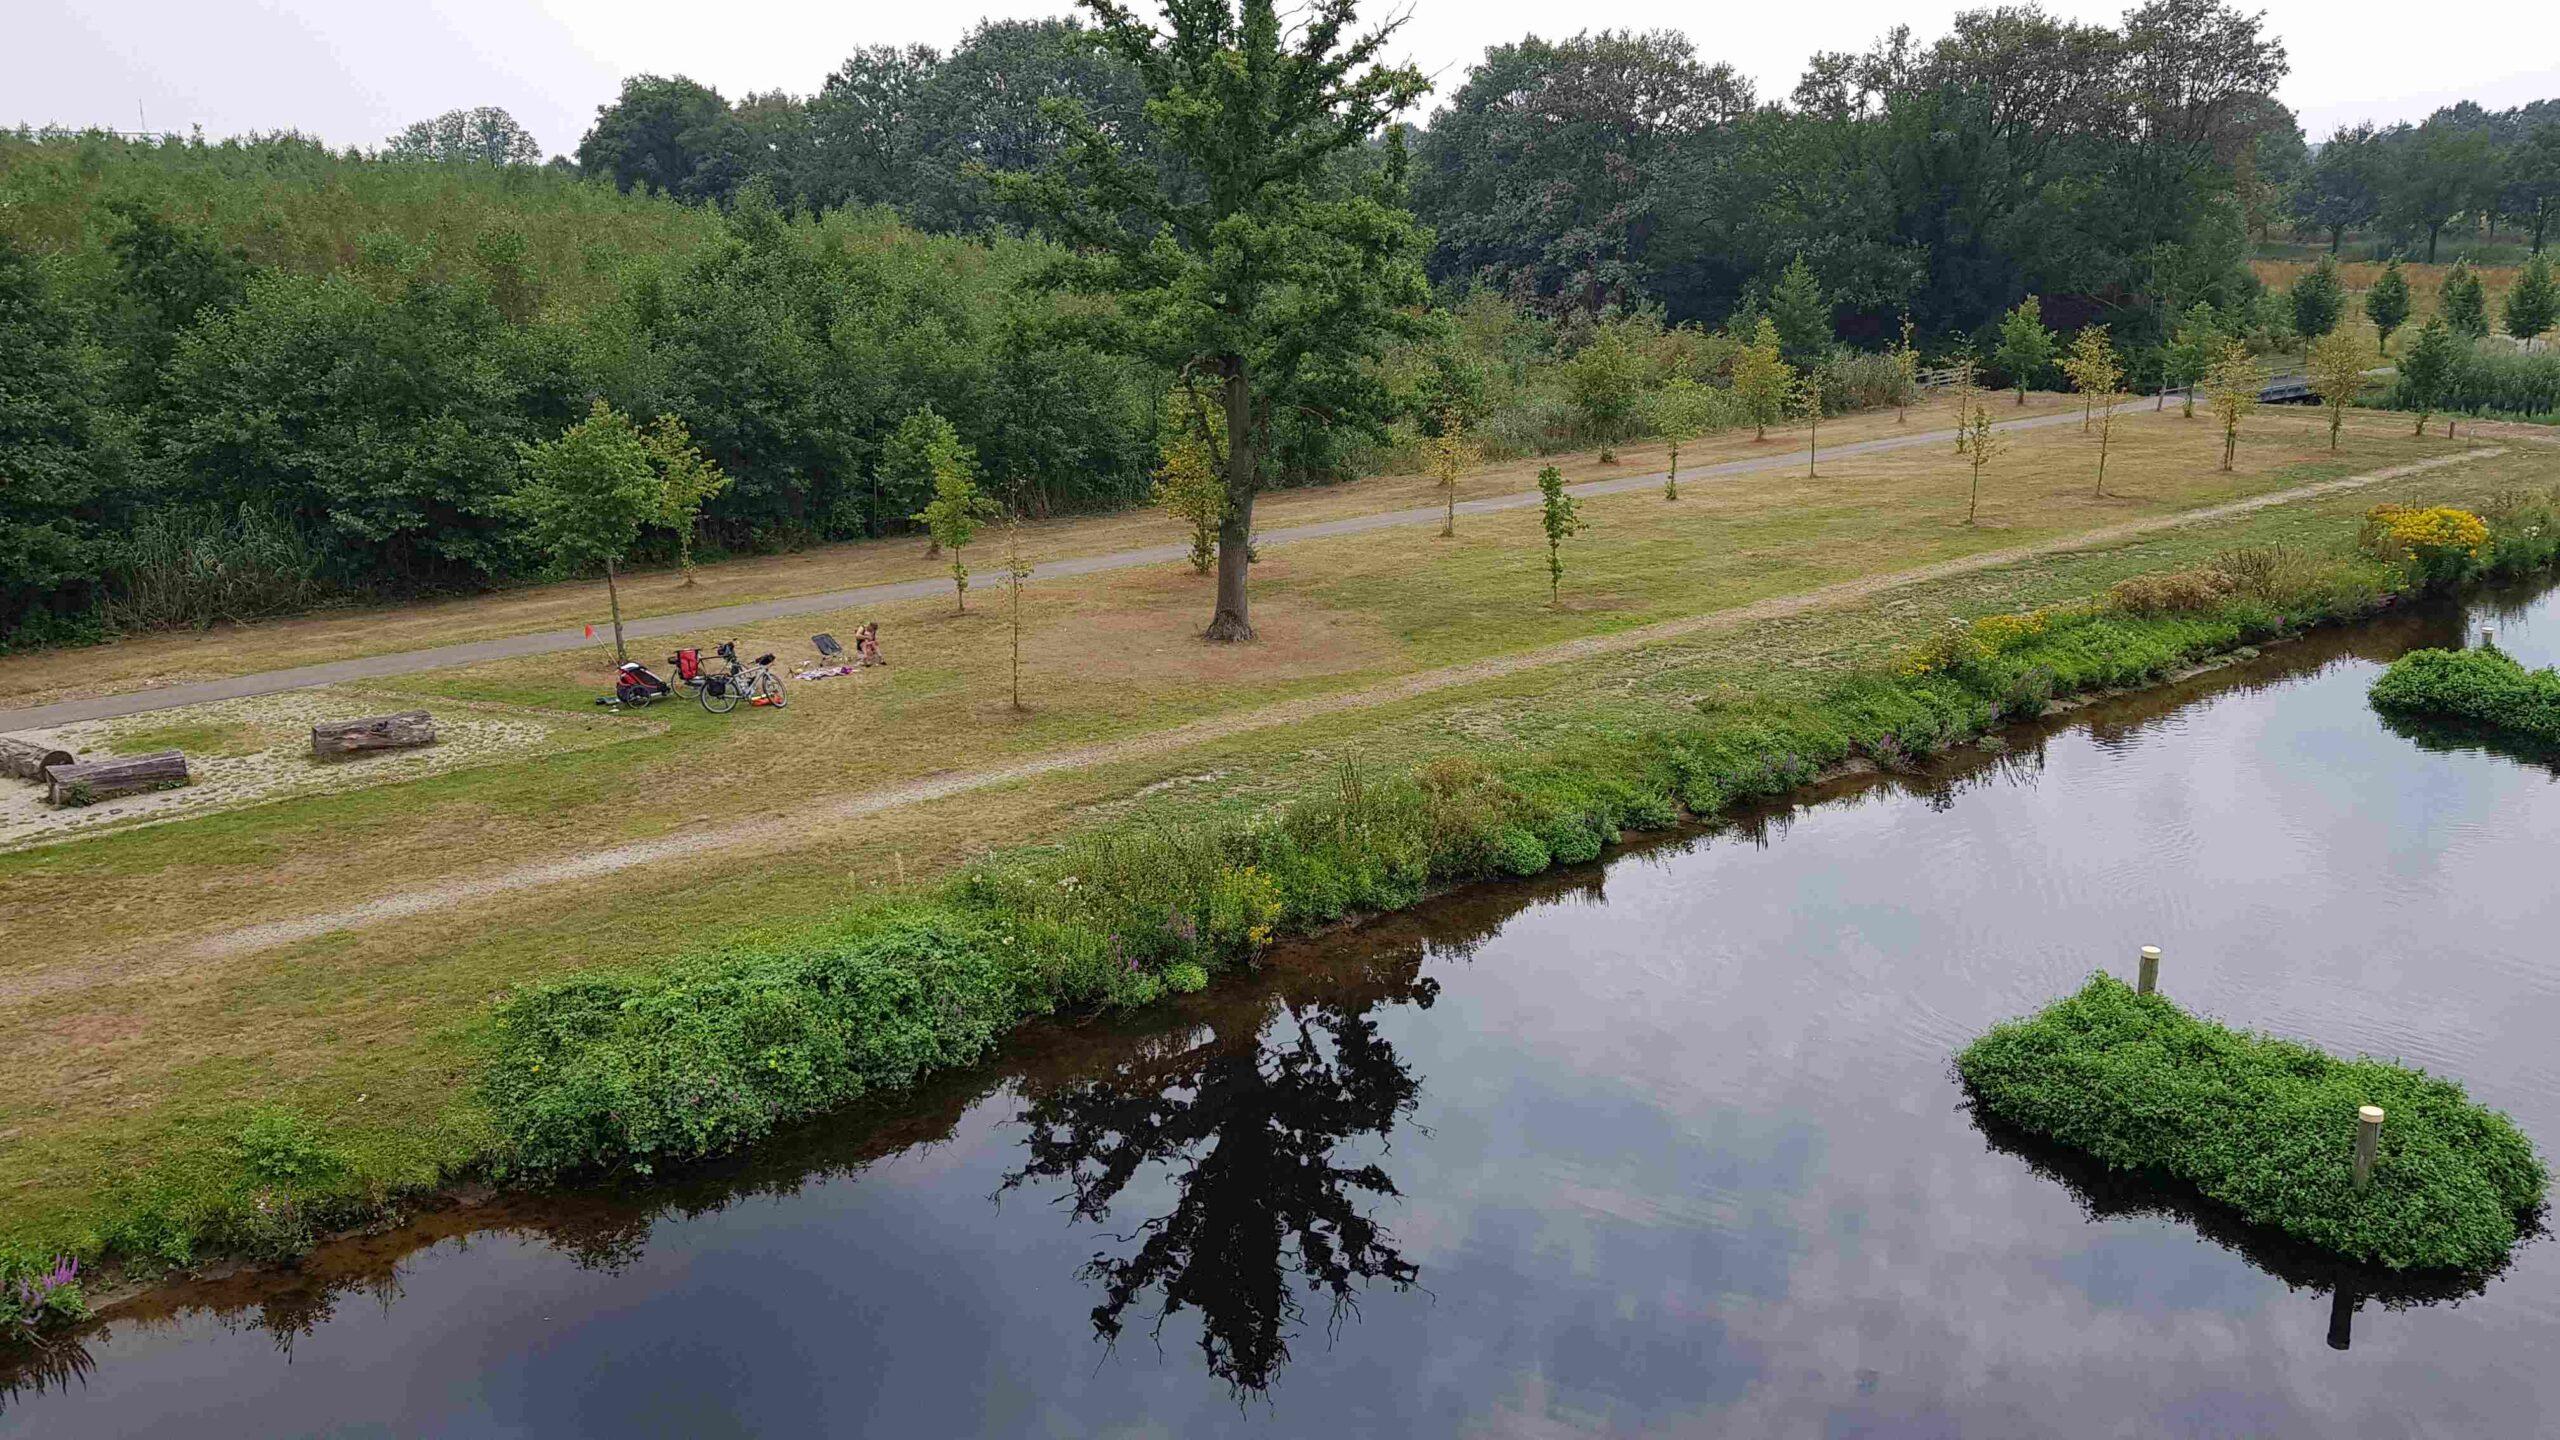 Rondje-Nederland-op-de-fiets-siësta